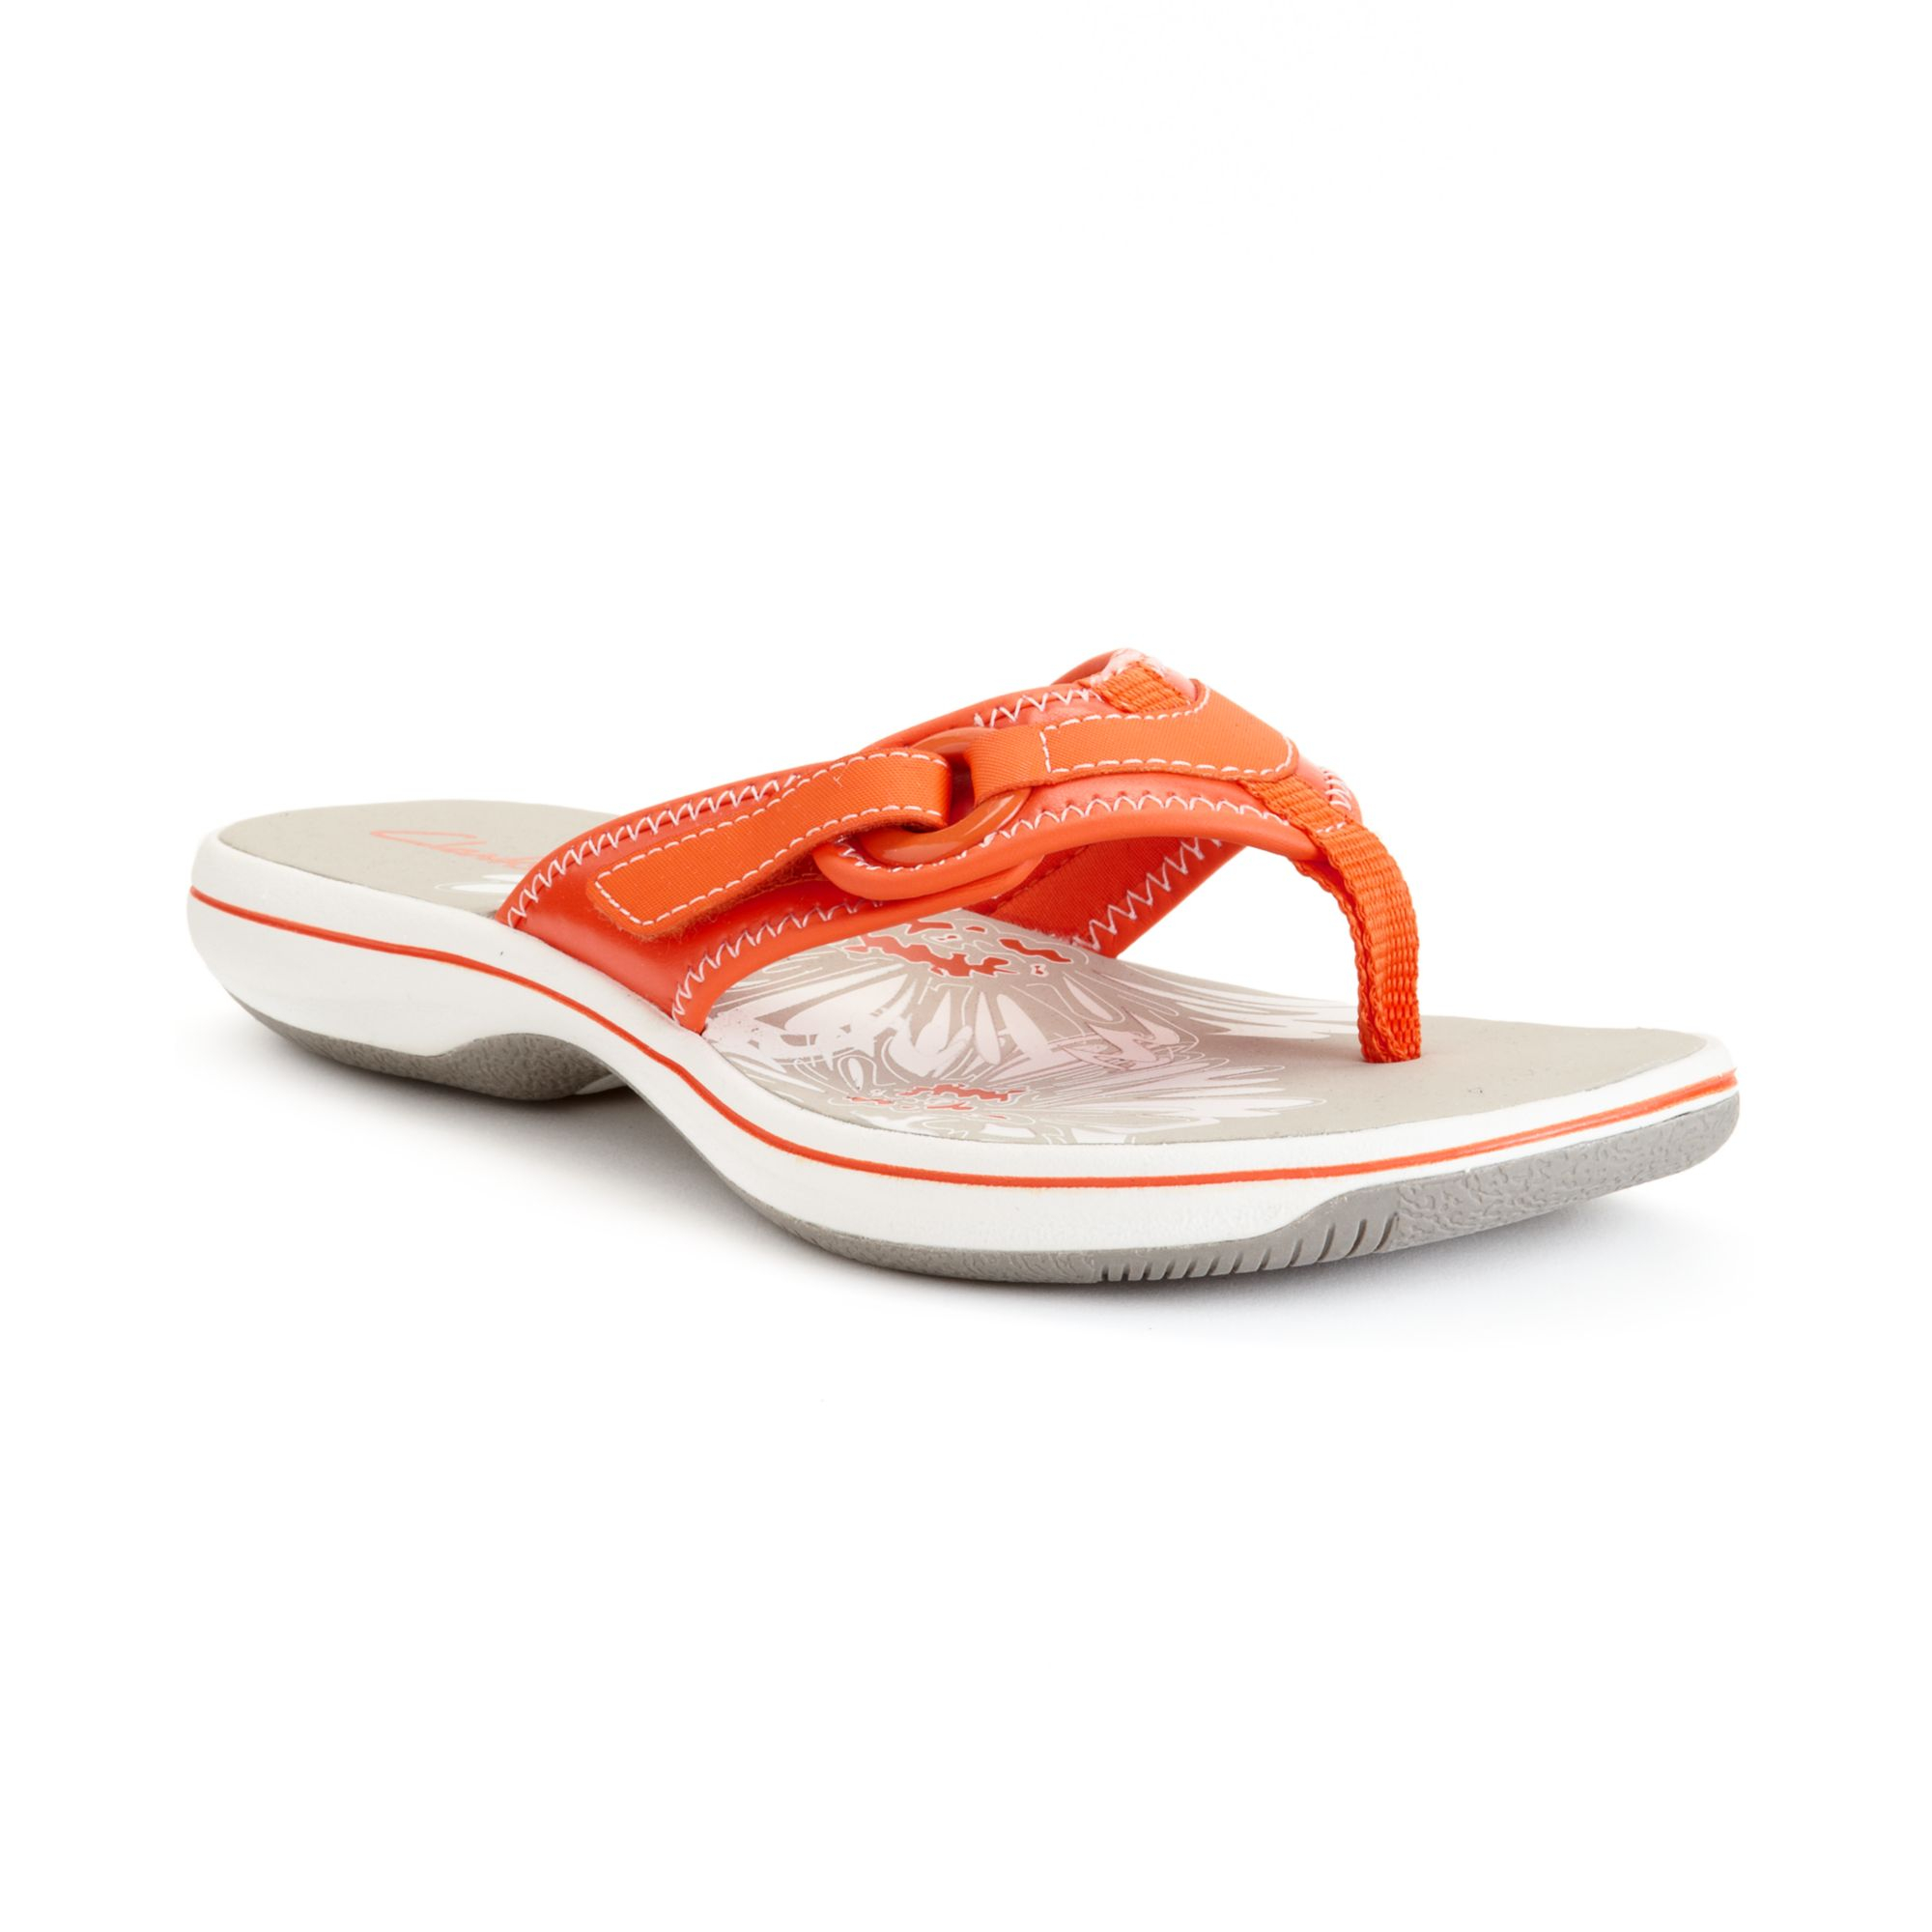 Zero Heel Clarks Shoes